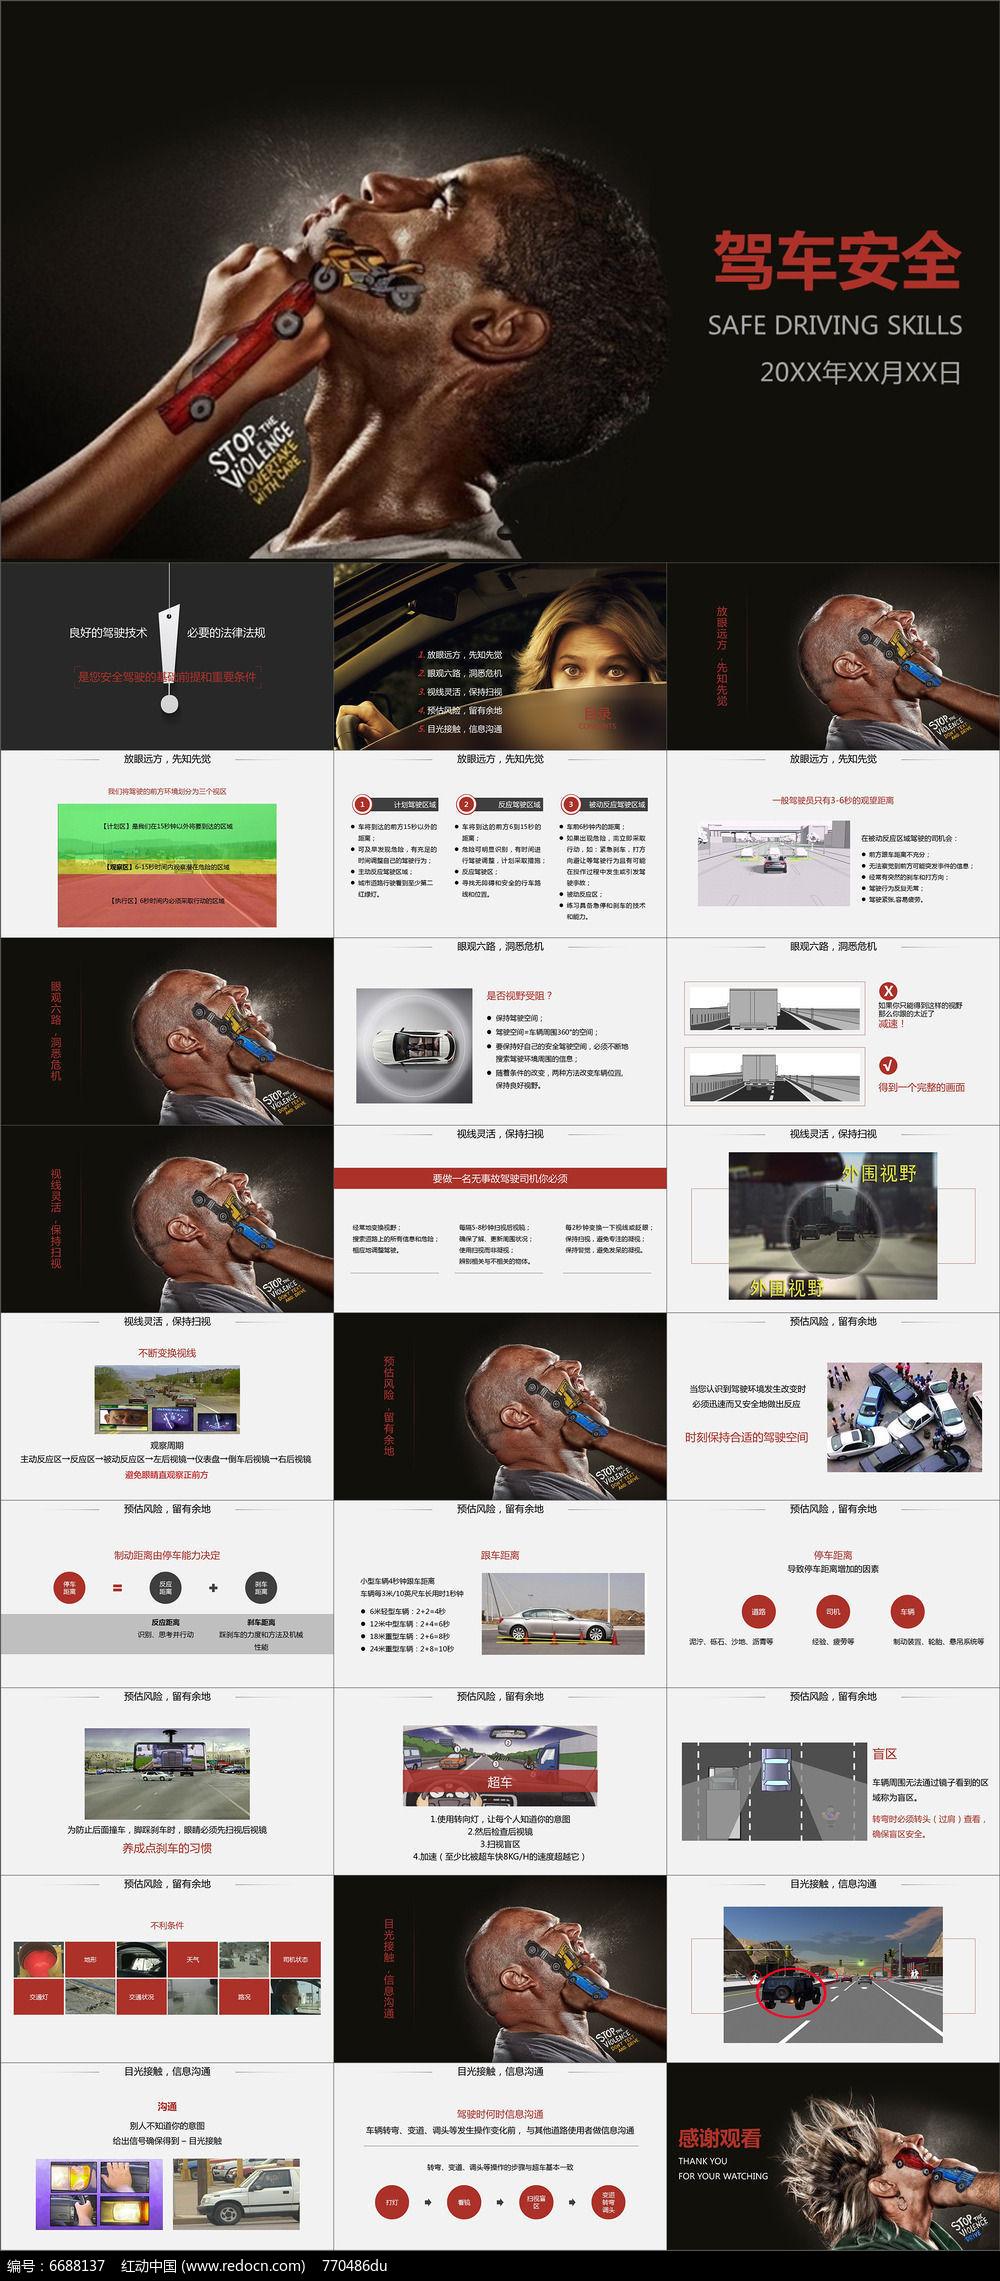 驾车安全交通安全创意宣传广告ppt模板